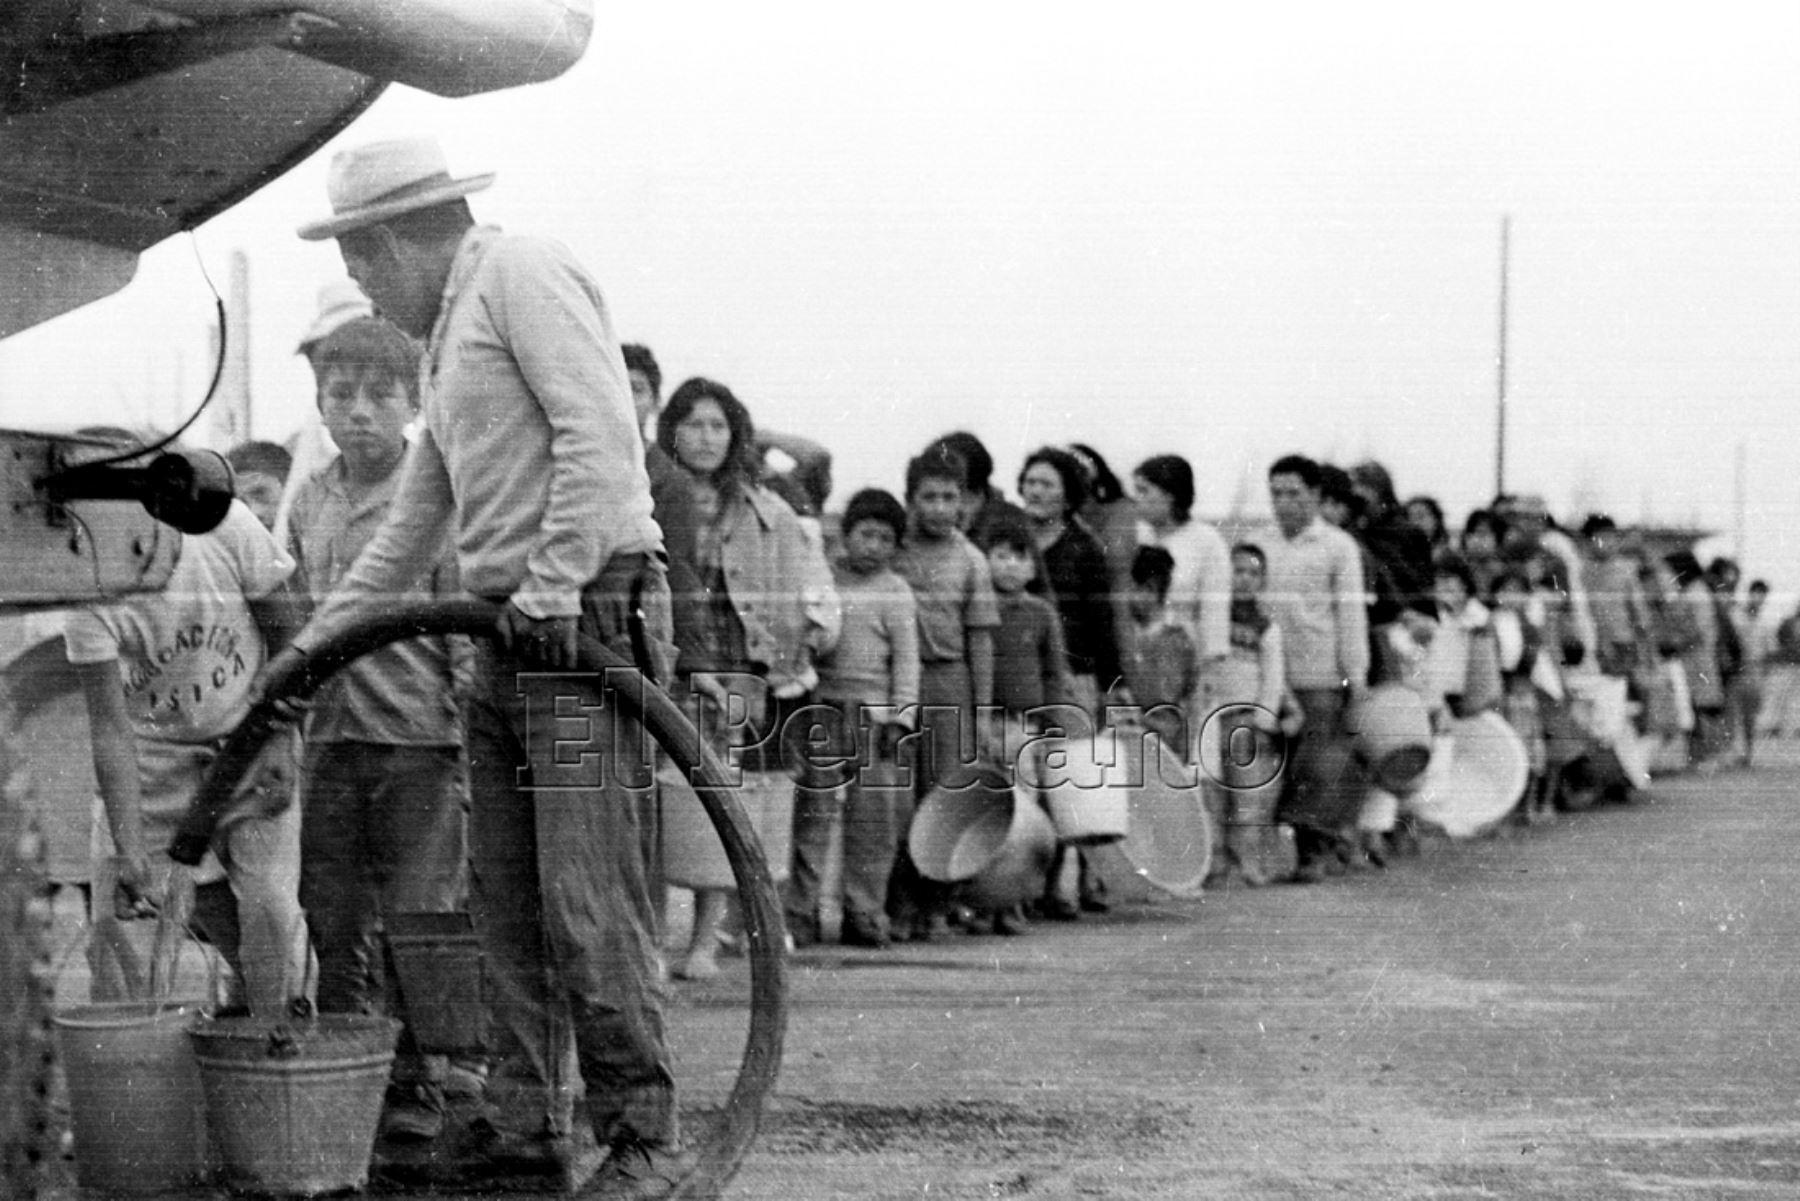 Ancash 01 jun 1970 / Terremoto de Yungay. Damnificados forman colas para conseguir agua potable